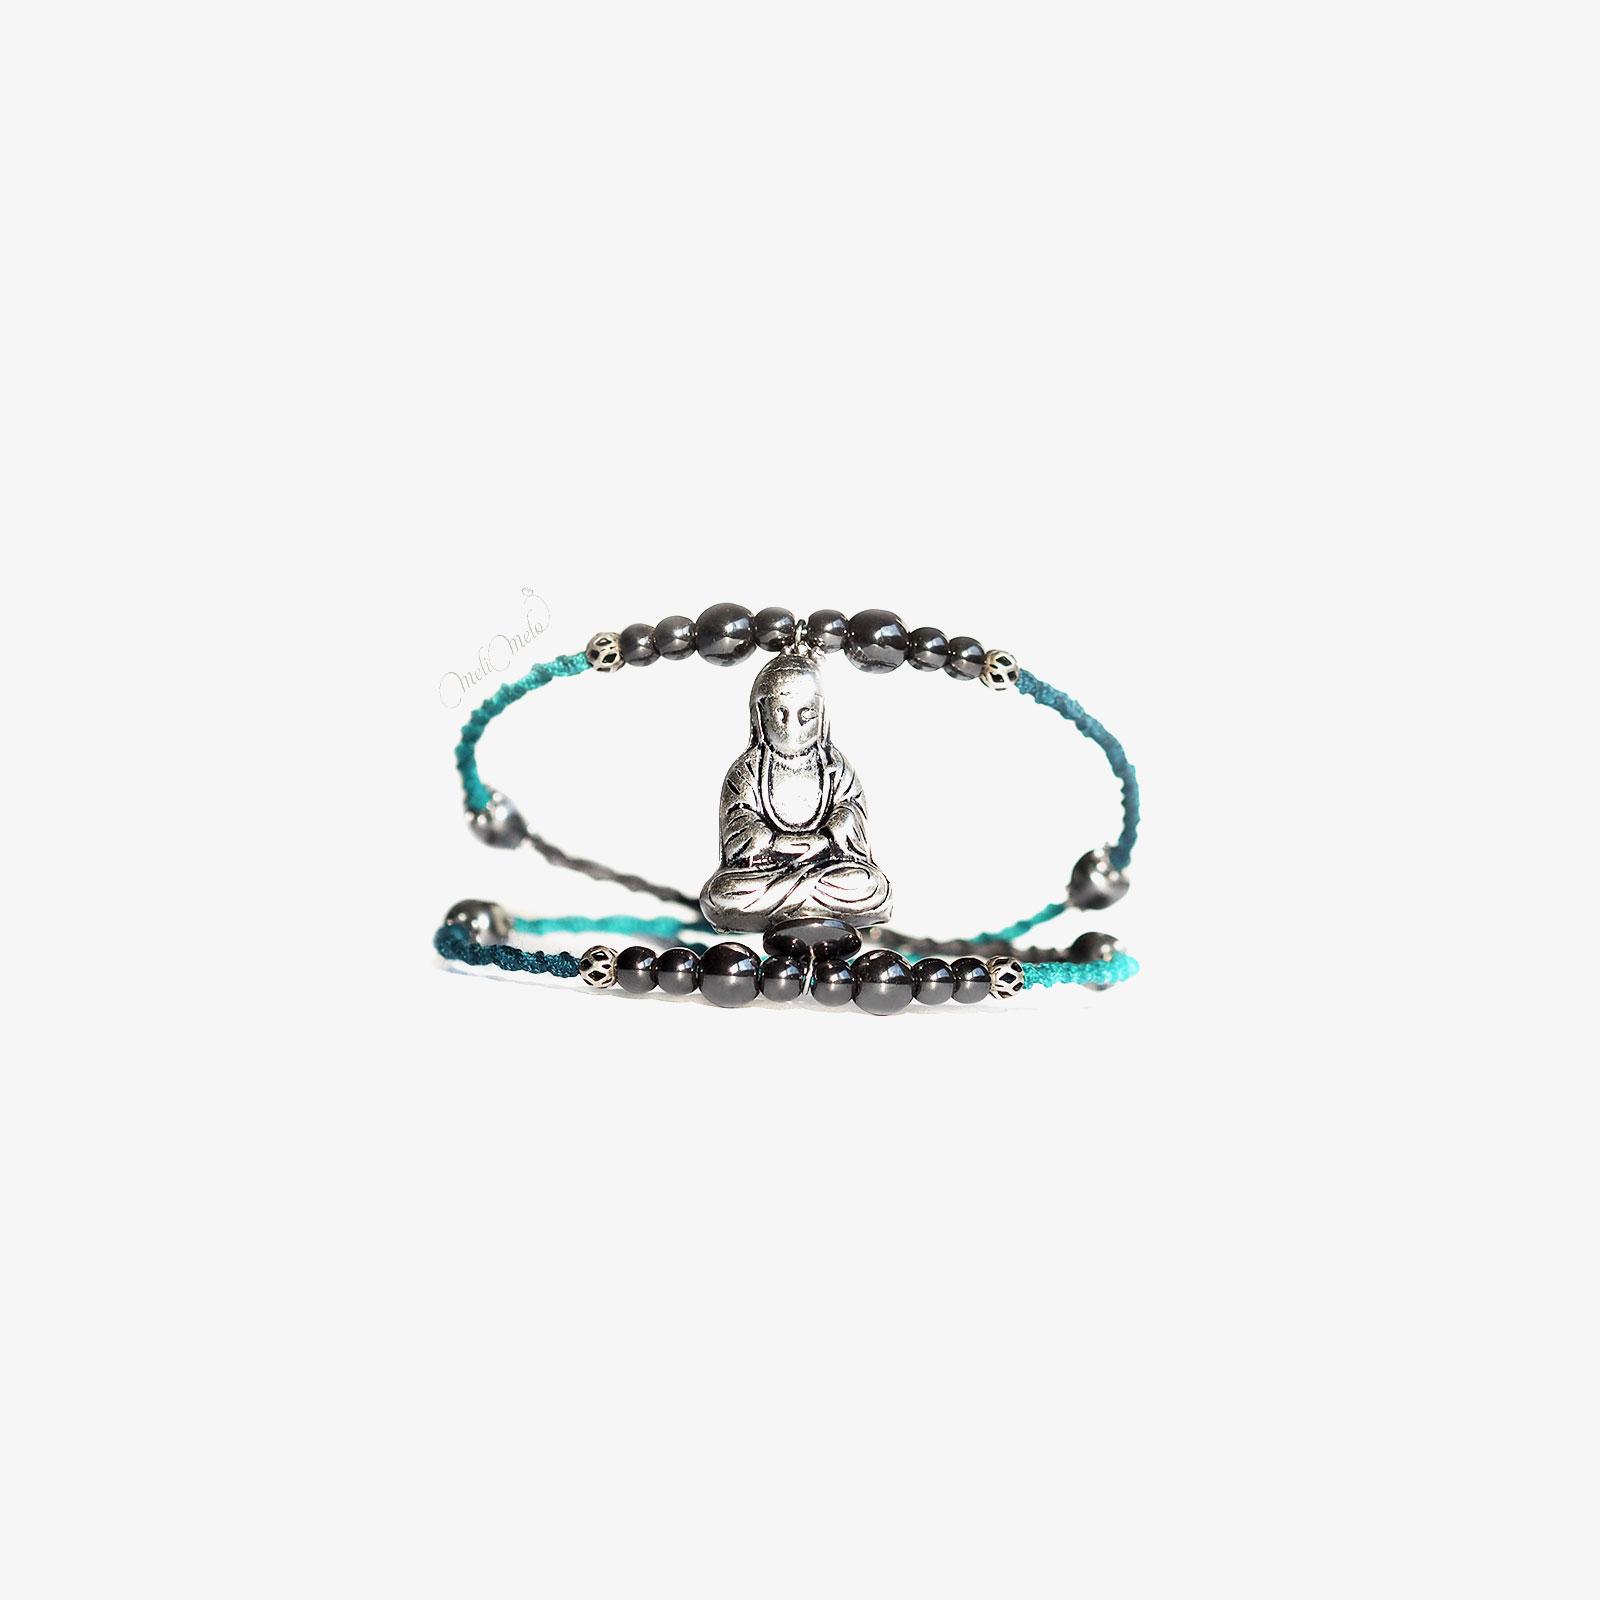 jonc Bouddha tressé main turquoise teal hématite laboutiquedemelimelo